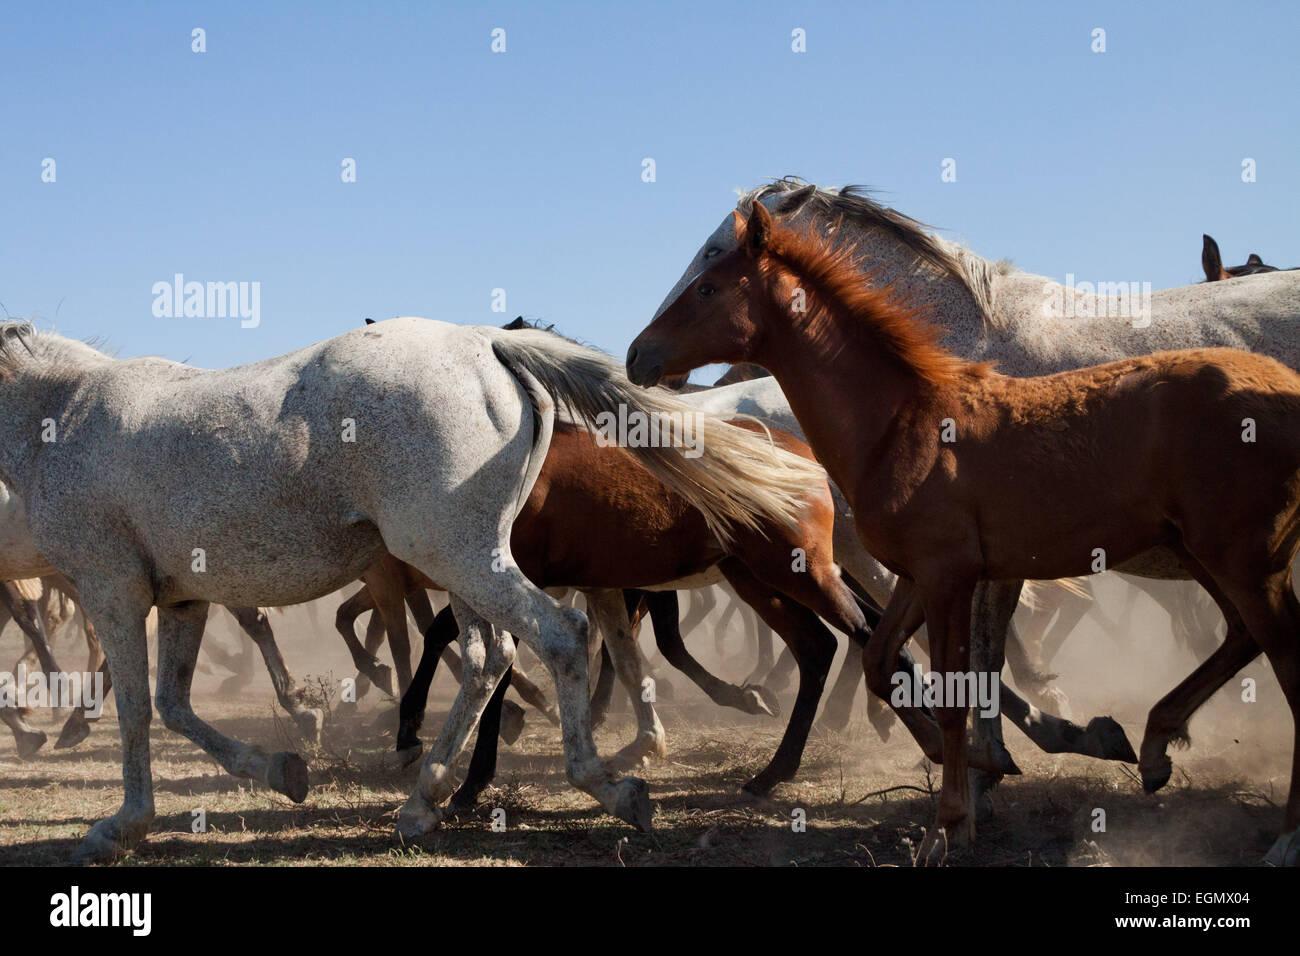 Herd Of Wild Horses Running Free Stock Photo Alamy